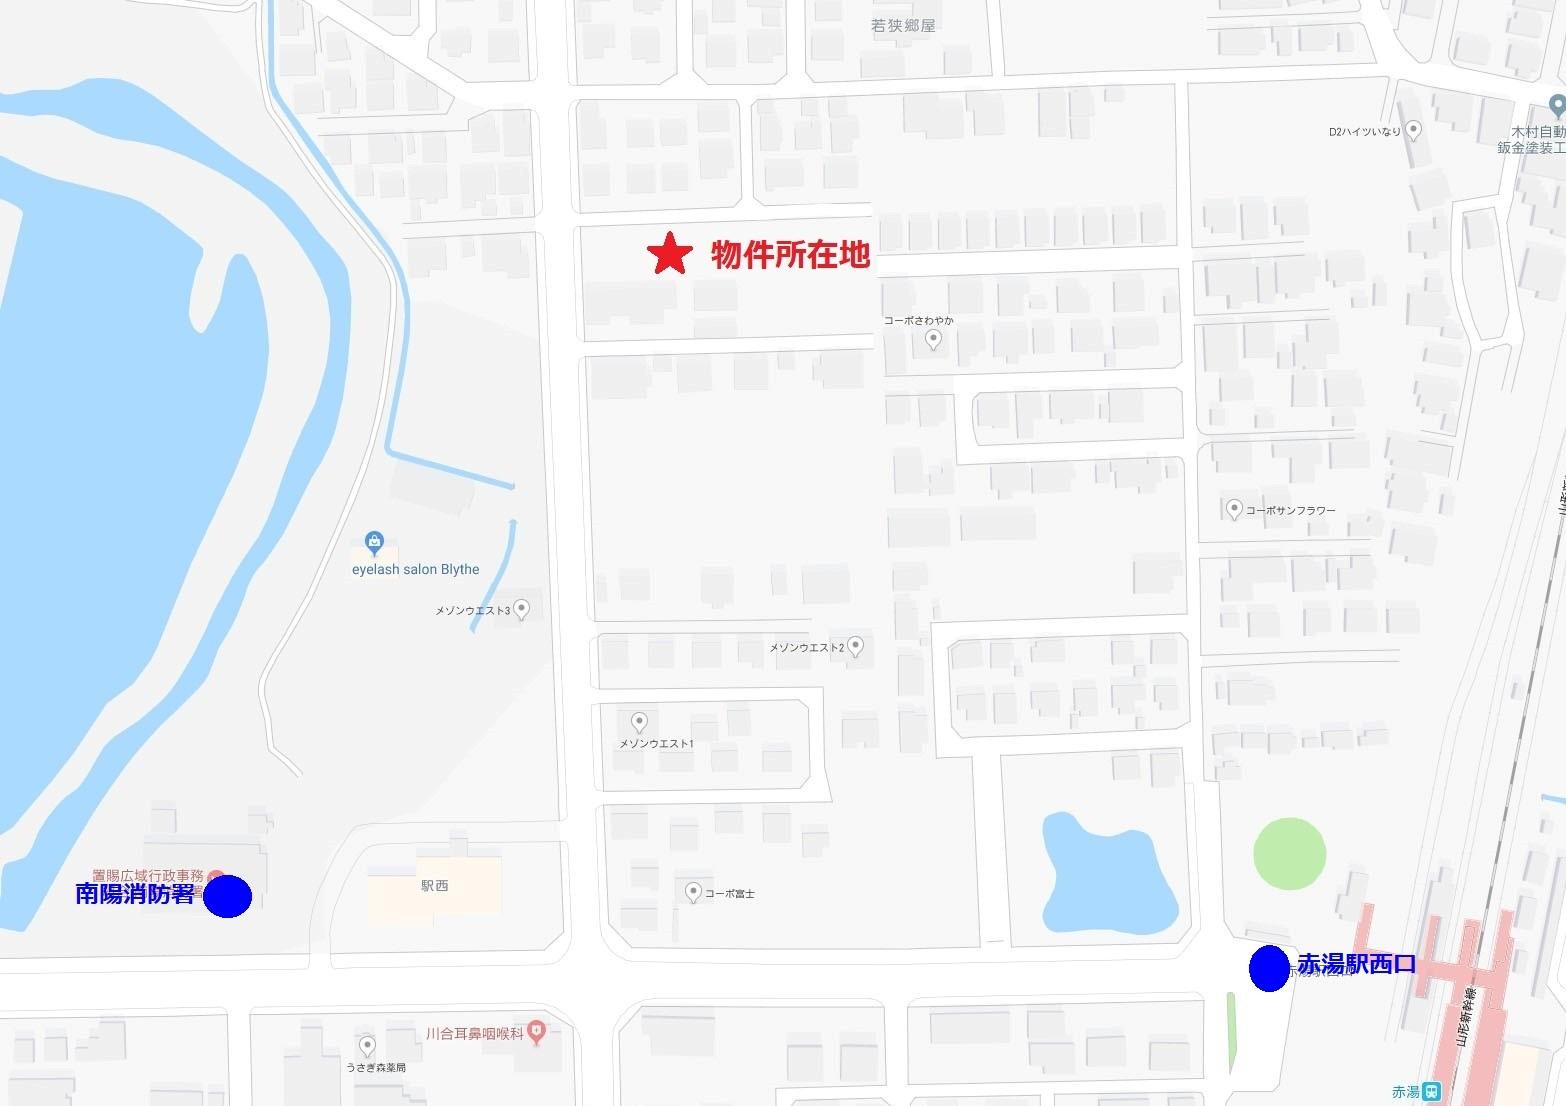 Y&M赤湯Ⅱ地図